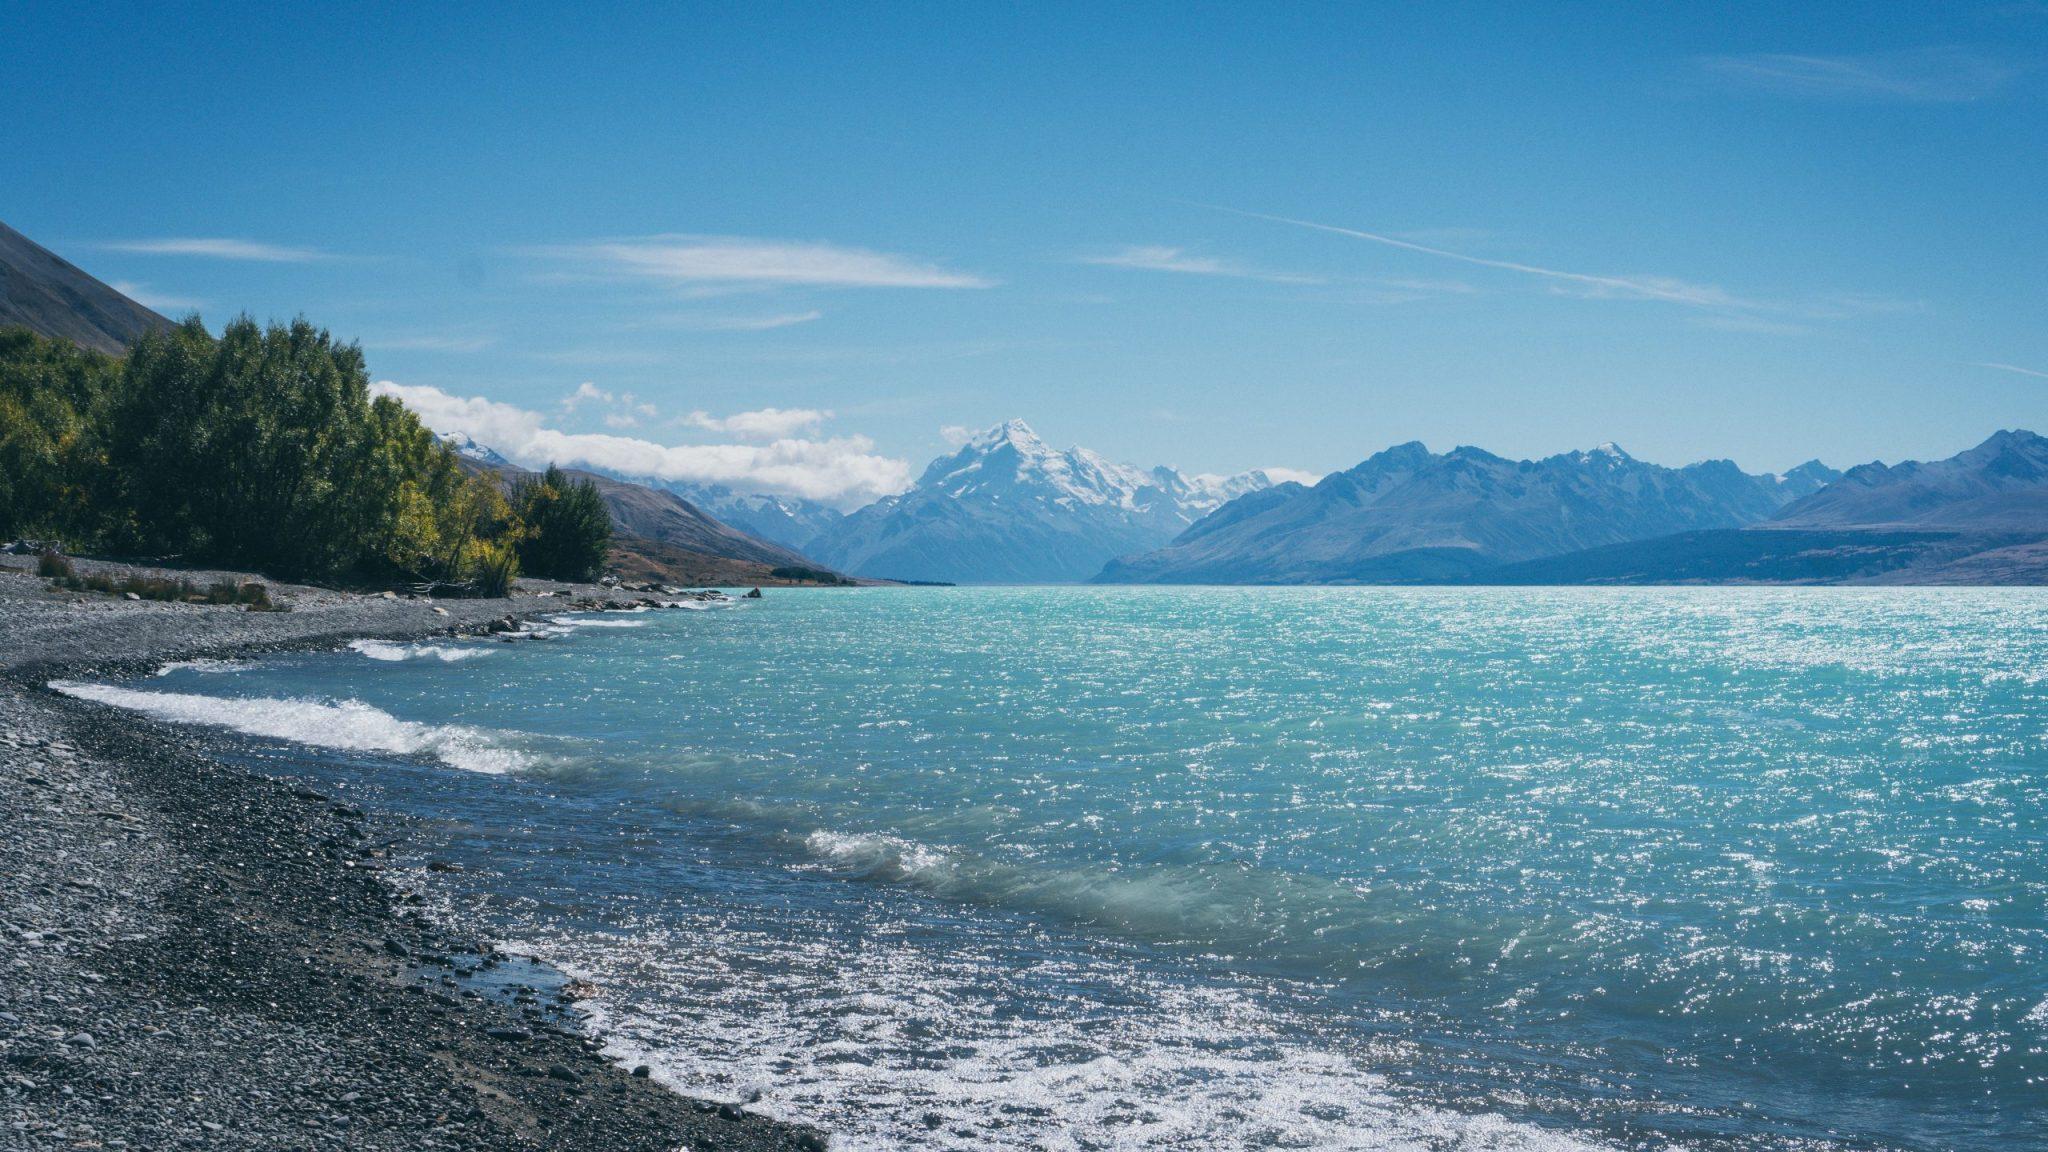 Nový Zéland – za nej krajinou na konec světa